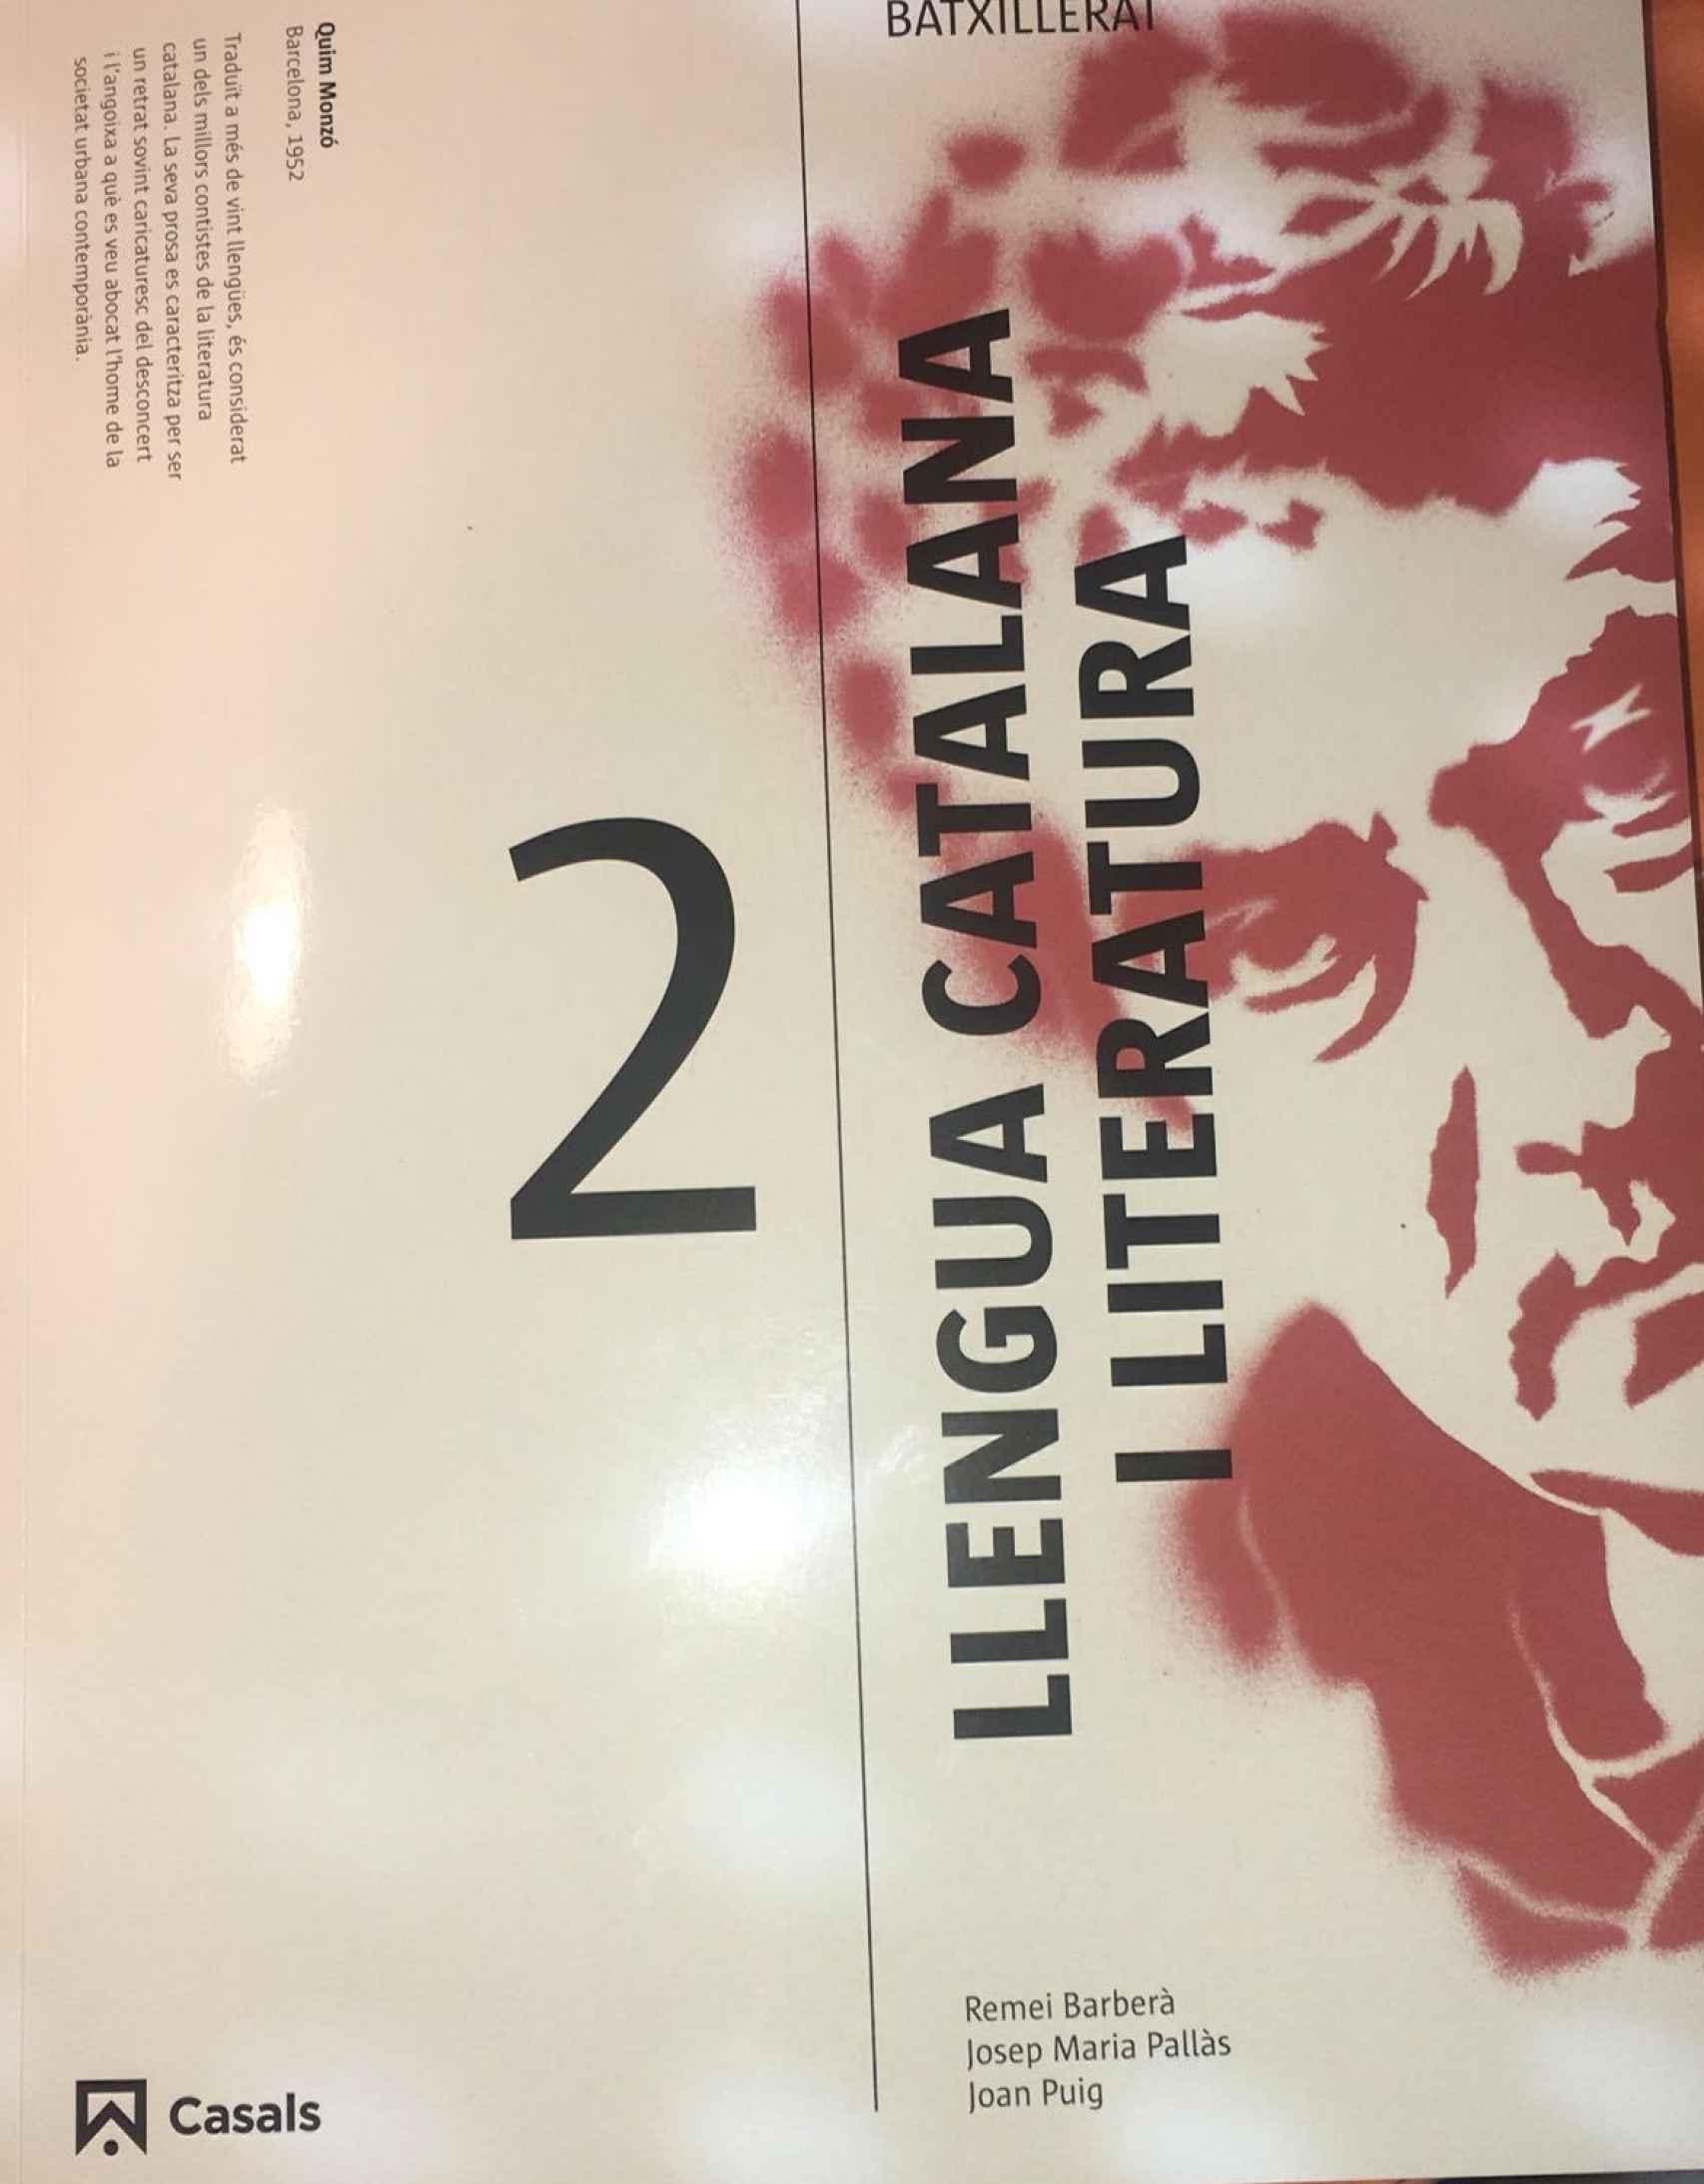 La portada del libro denunciado por algunos estudiantes baleares.